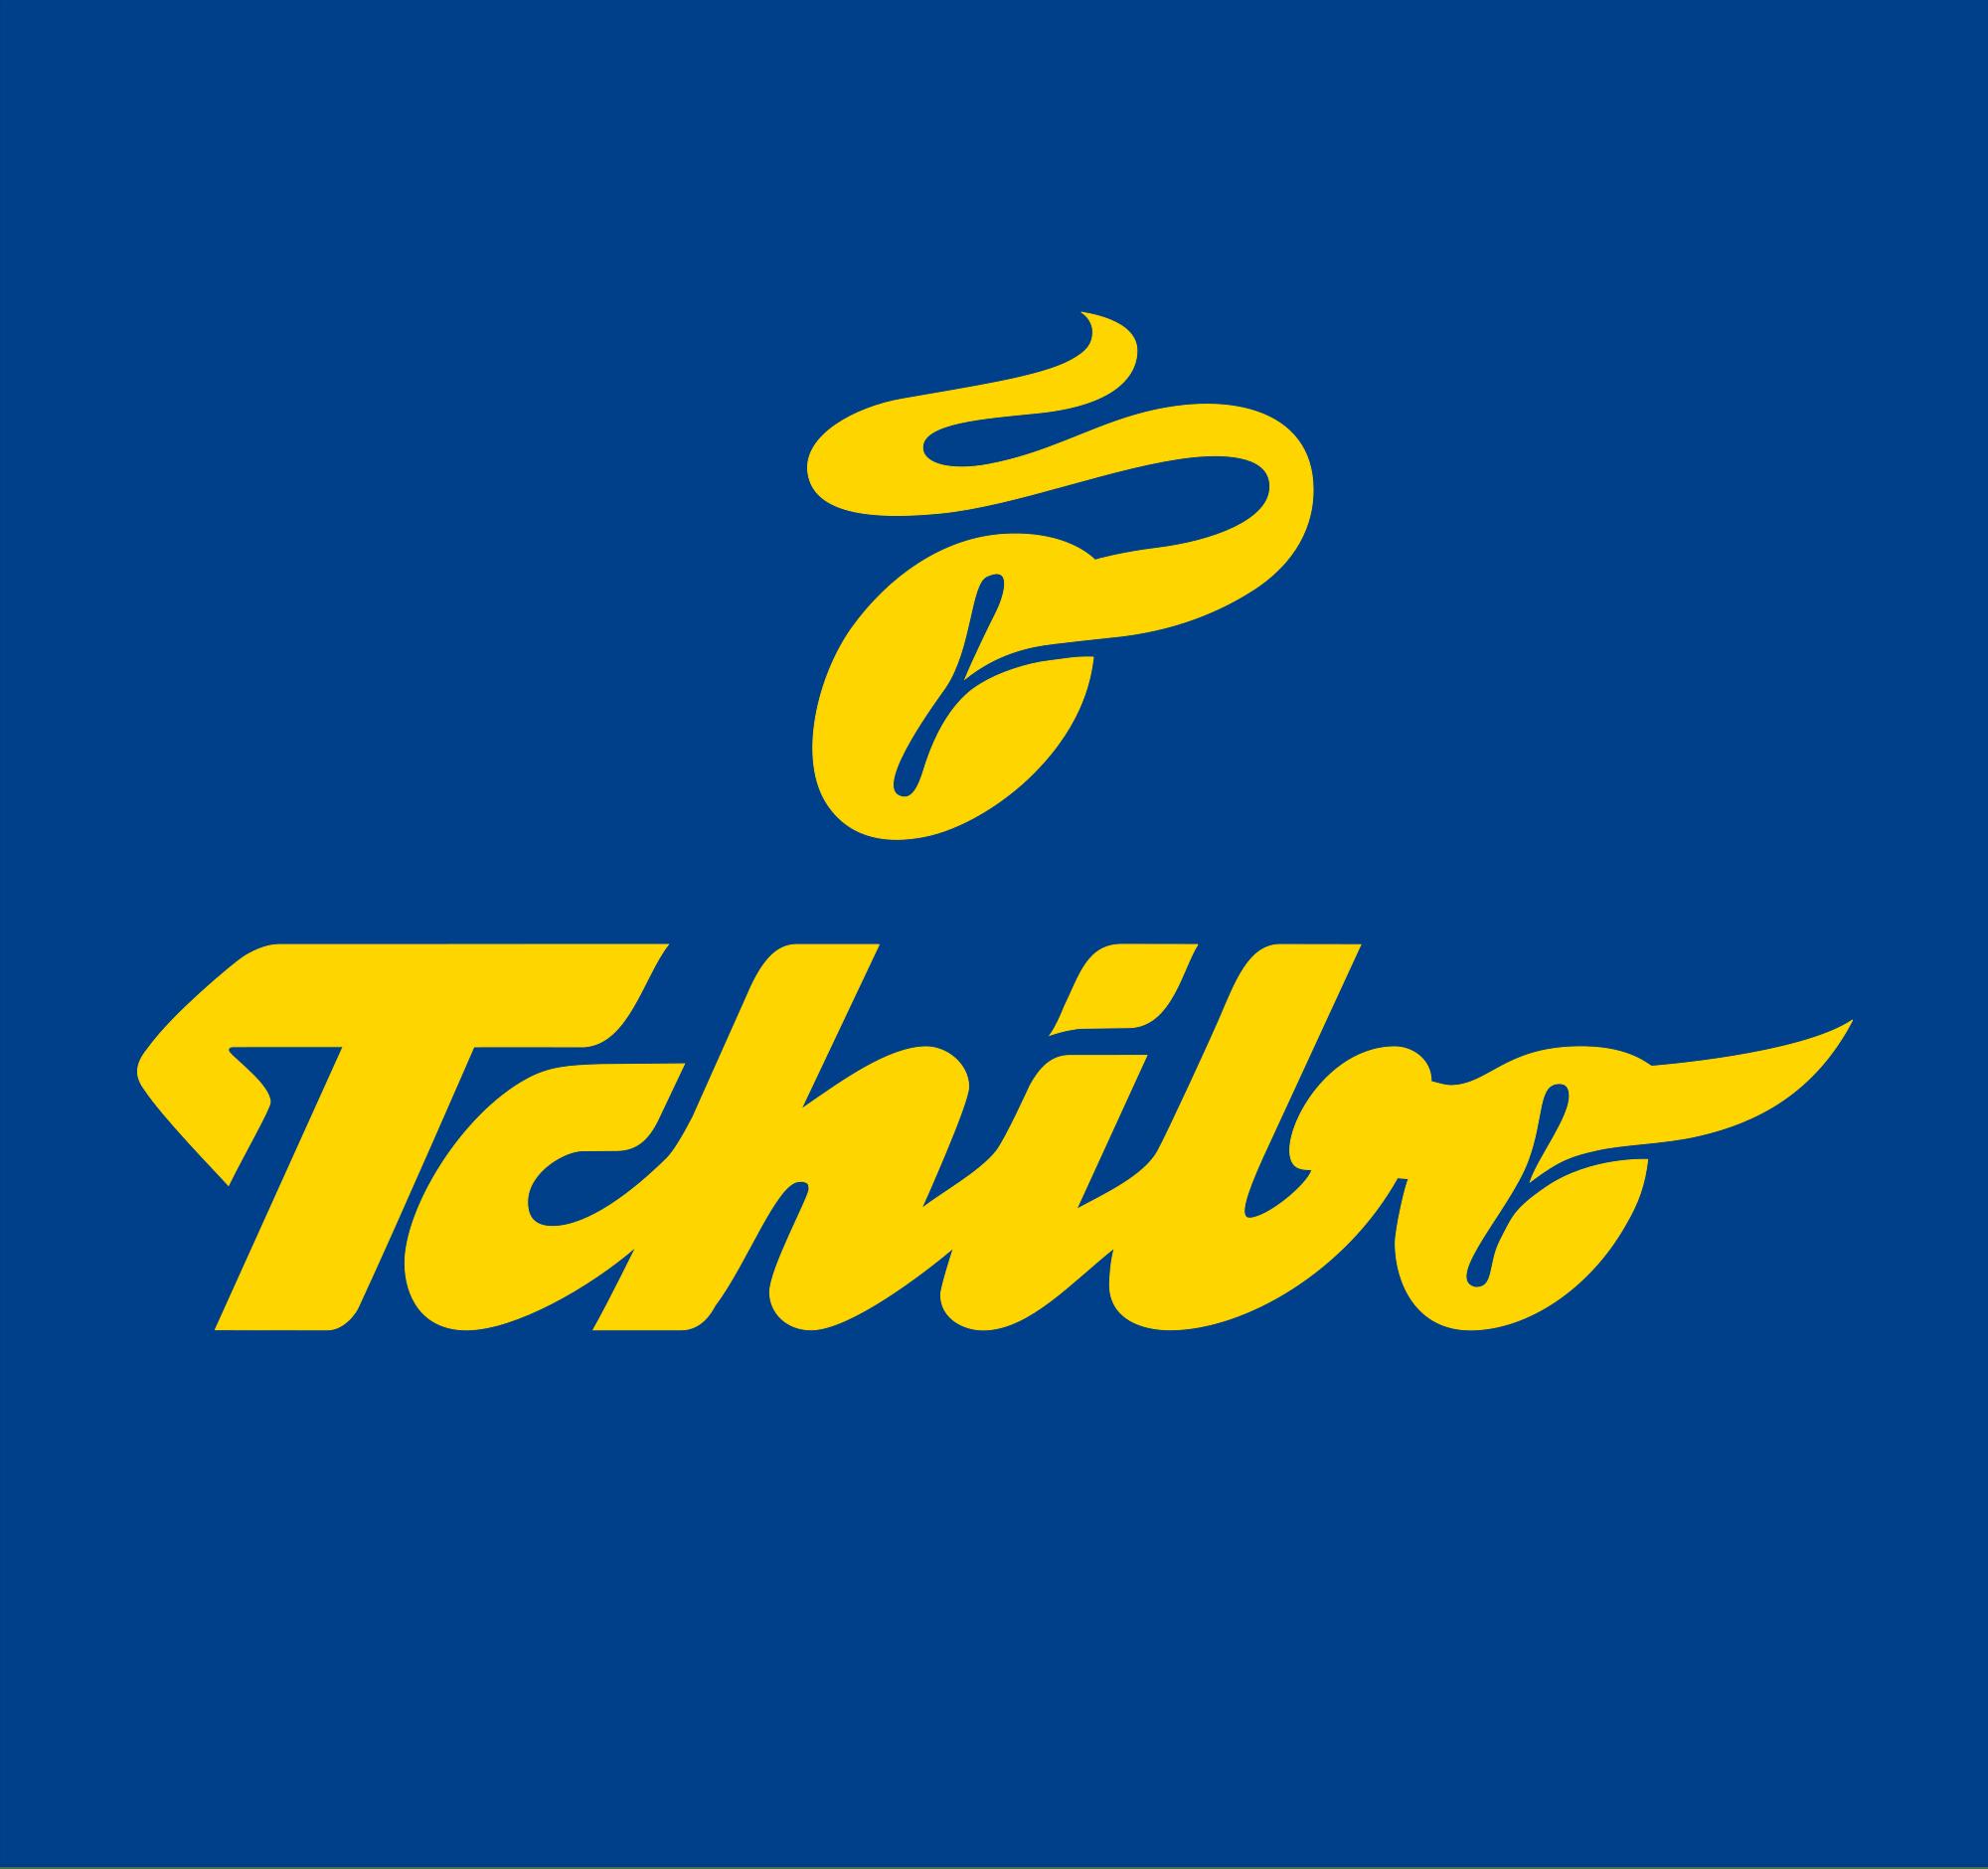 43933de1ab Bis zu 50% auf ausgewählte Artikel bei Tchibo, z.B. Cabanjacke Damen für  CHF 50.- statt CHF 99.- Preispirat